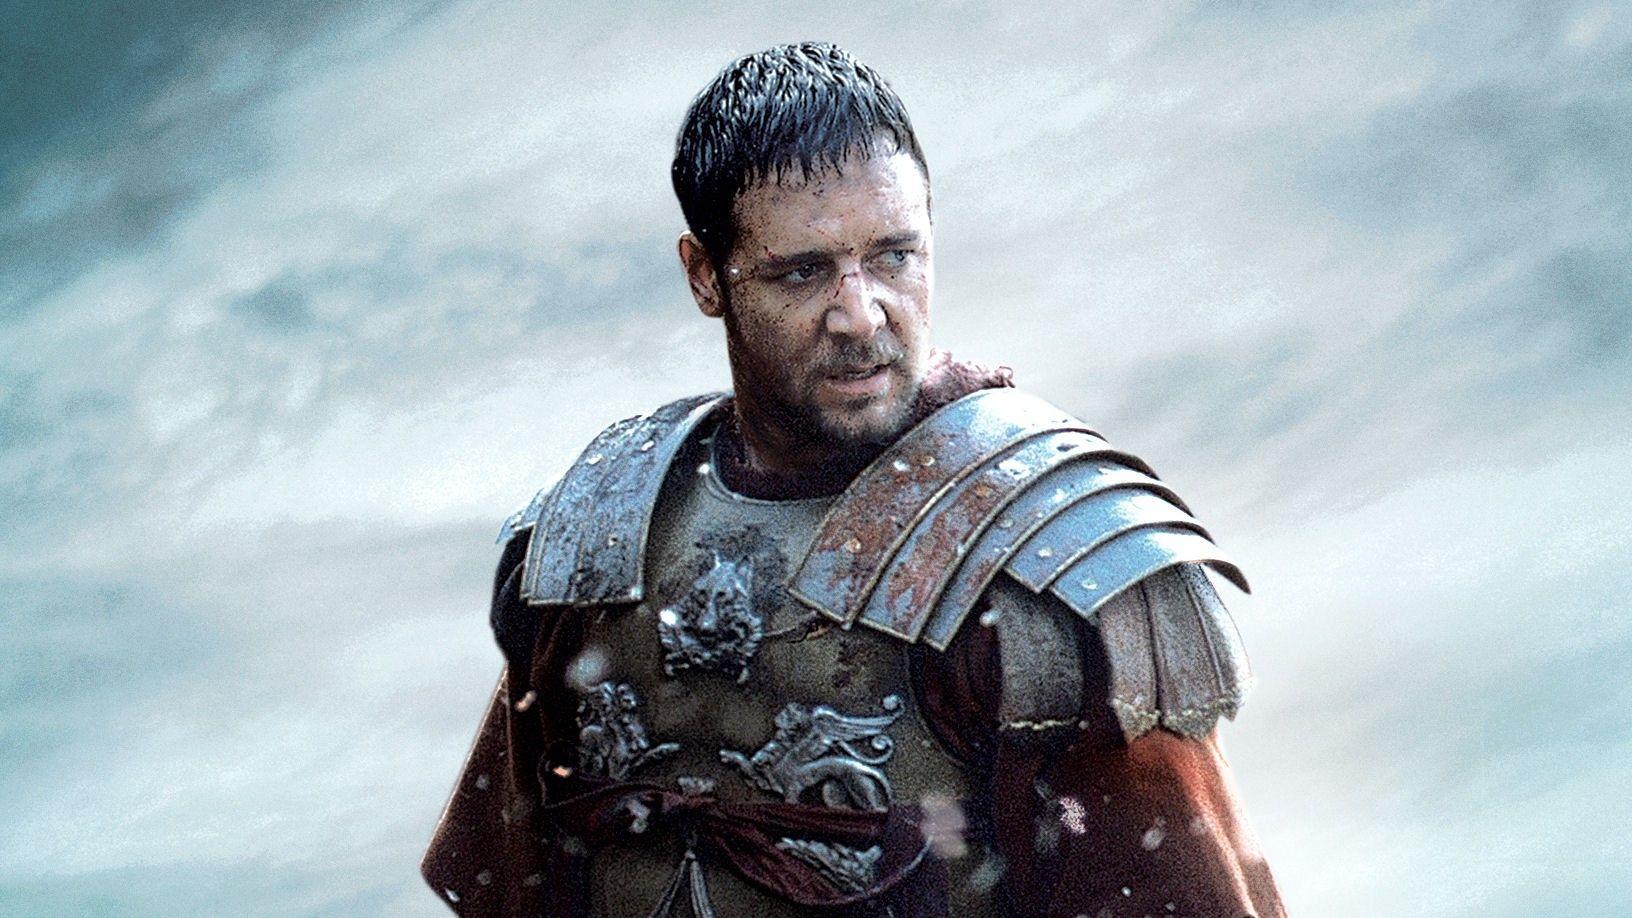 Гладиаторы рима – история римских бойцов и имена лучших